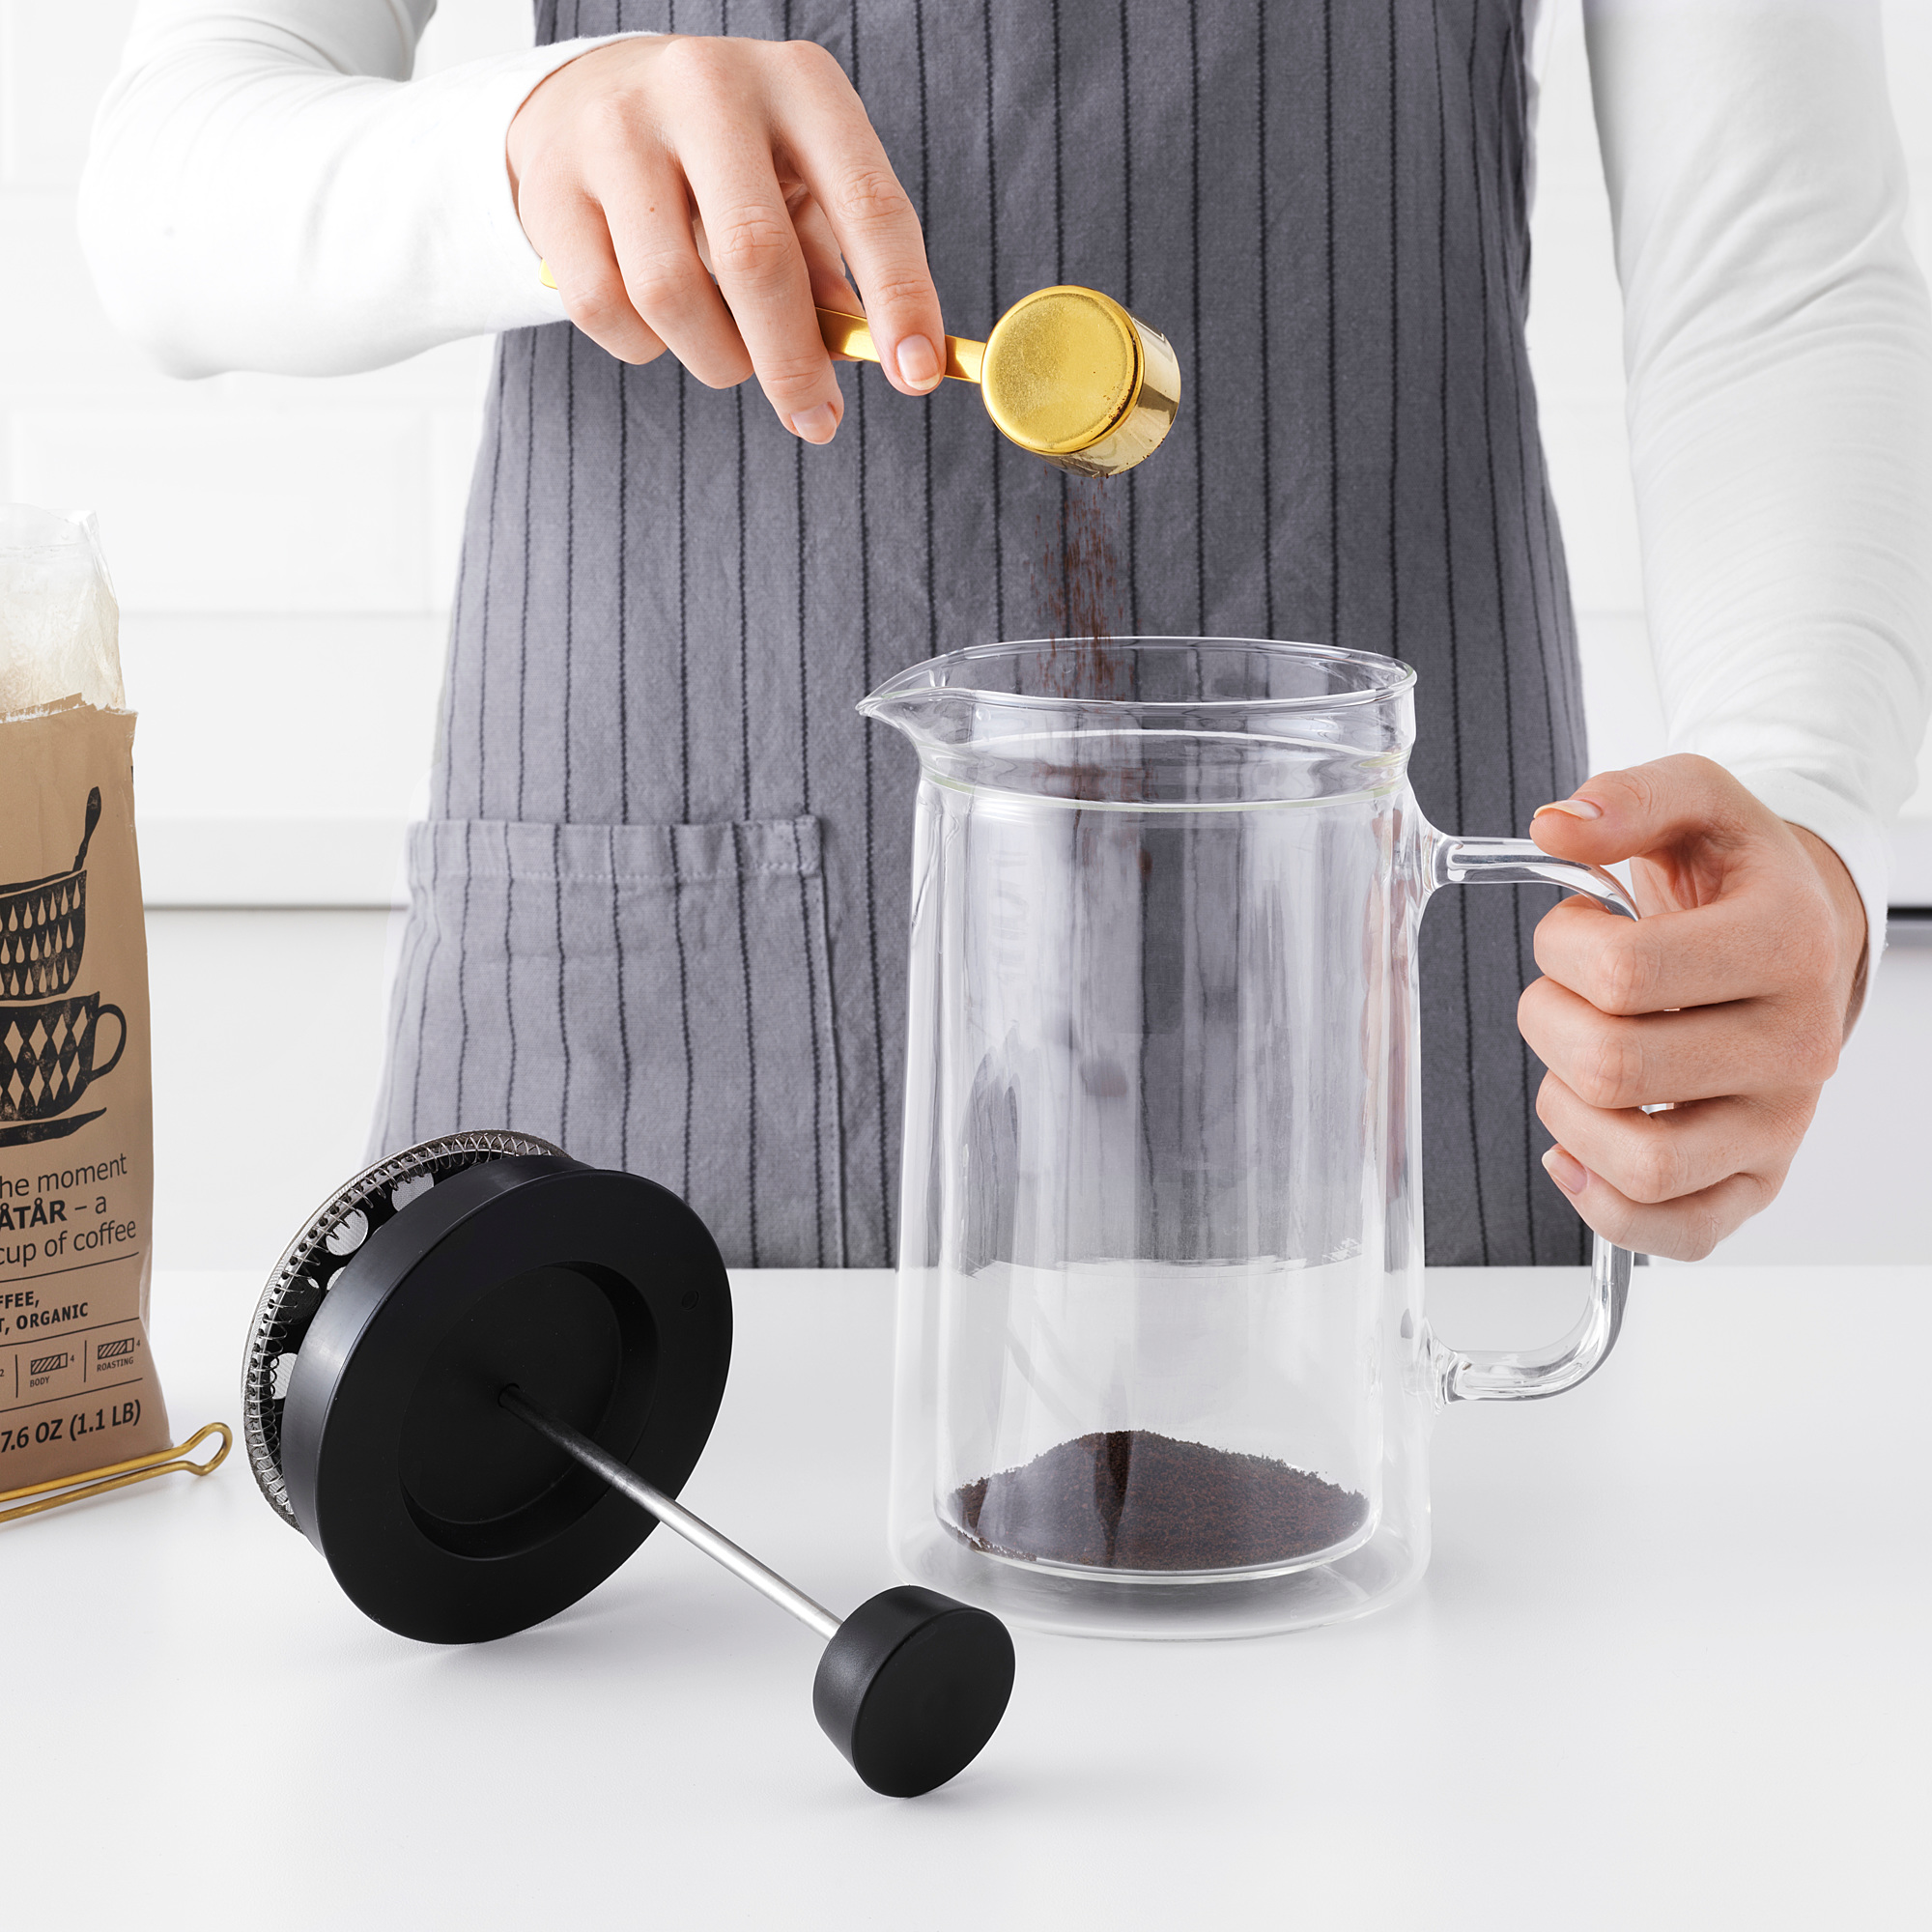 EGENTLIG кофе-пресс/заварочный чайник